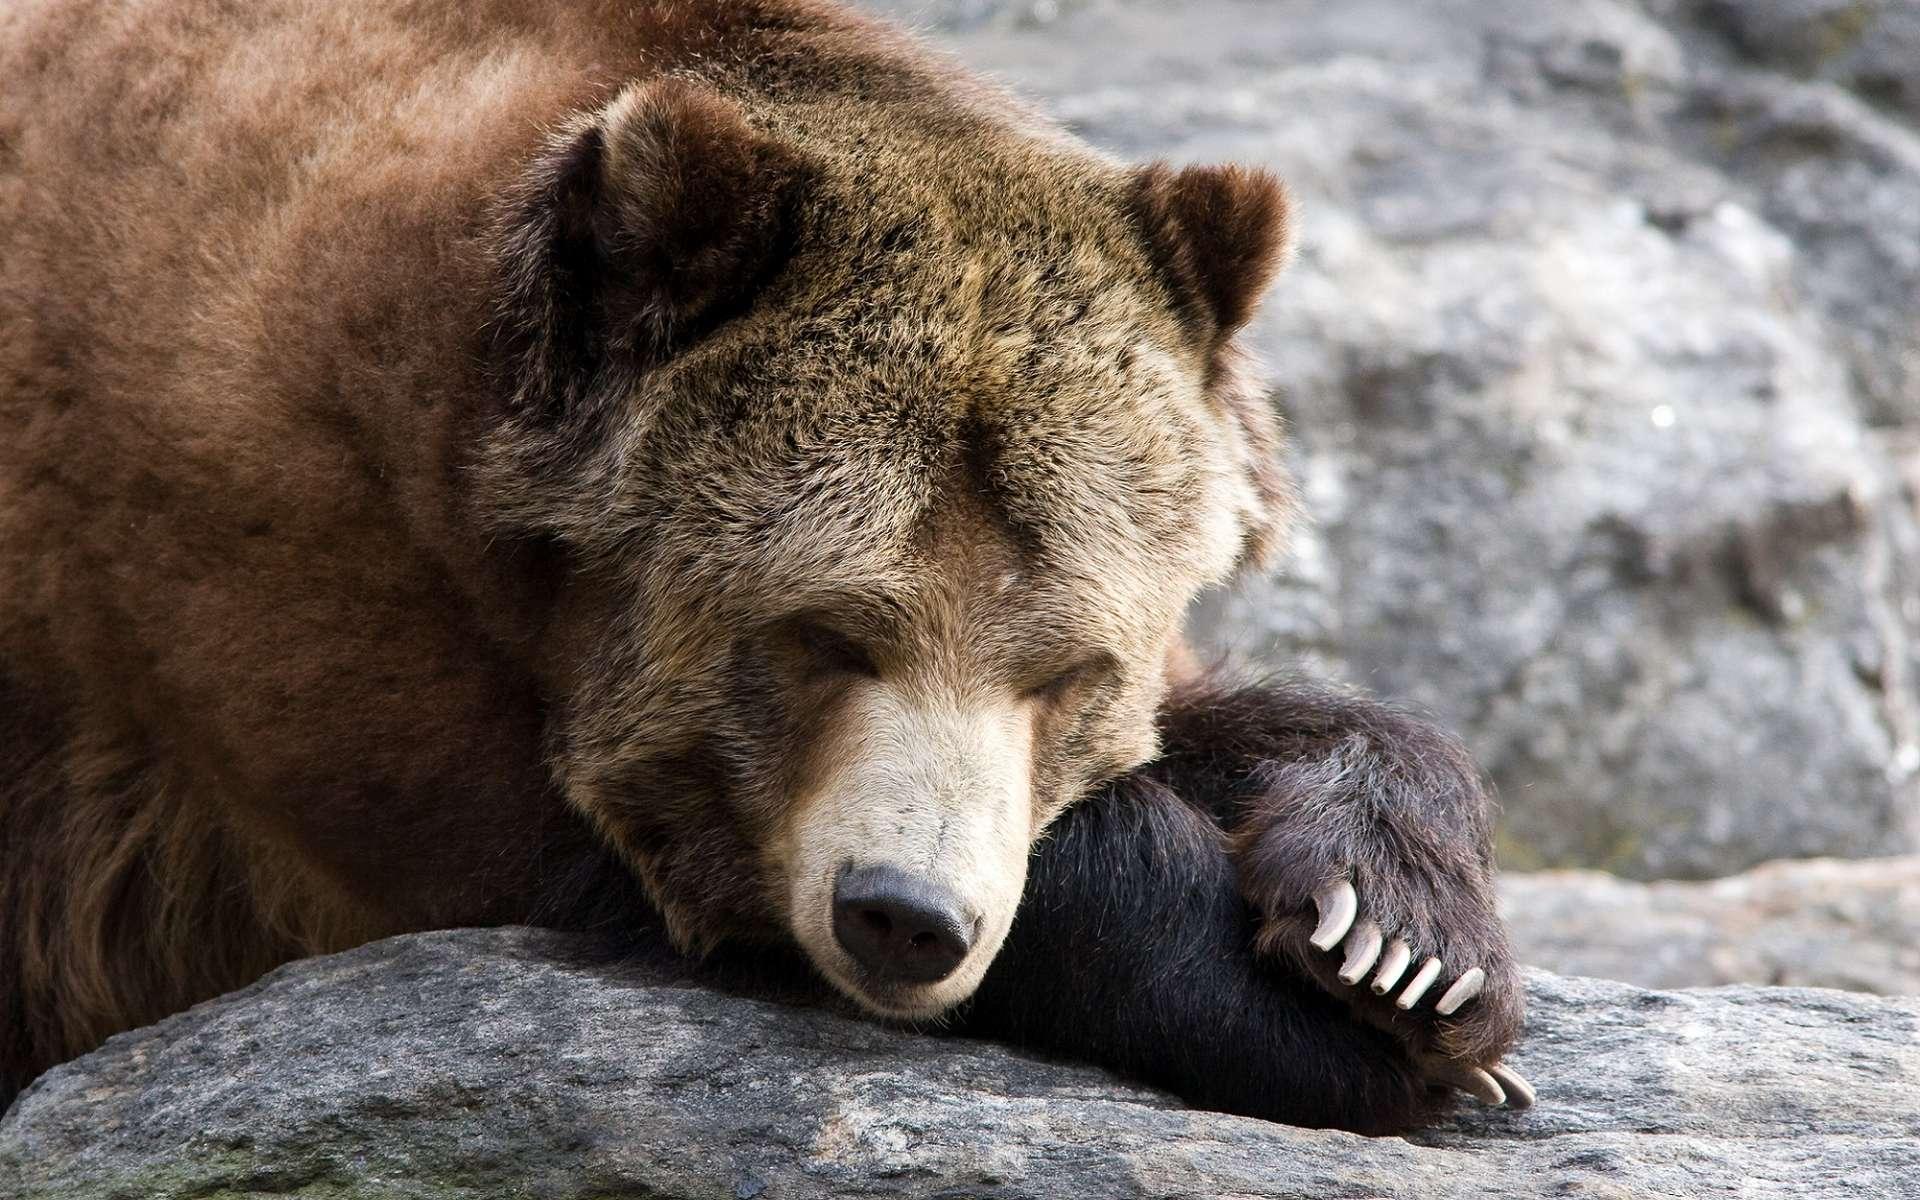 Le tissu adipeux brun permet aux animaux qui hibernent de se réchauffer. © Raj Krish, Shutterstock